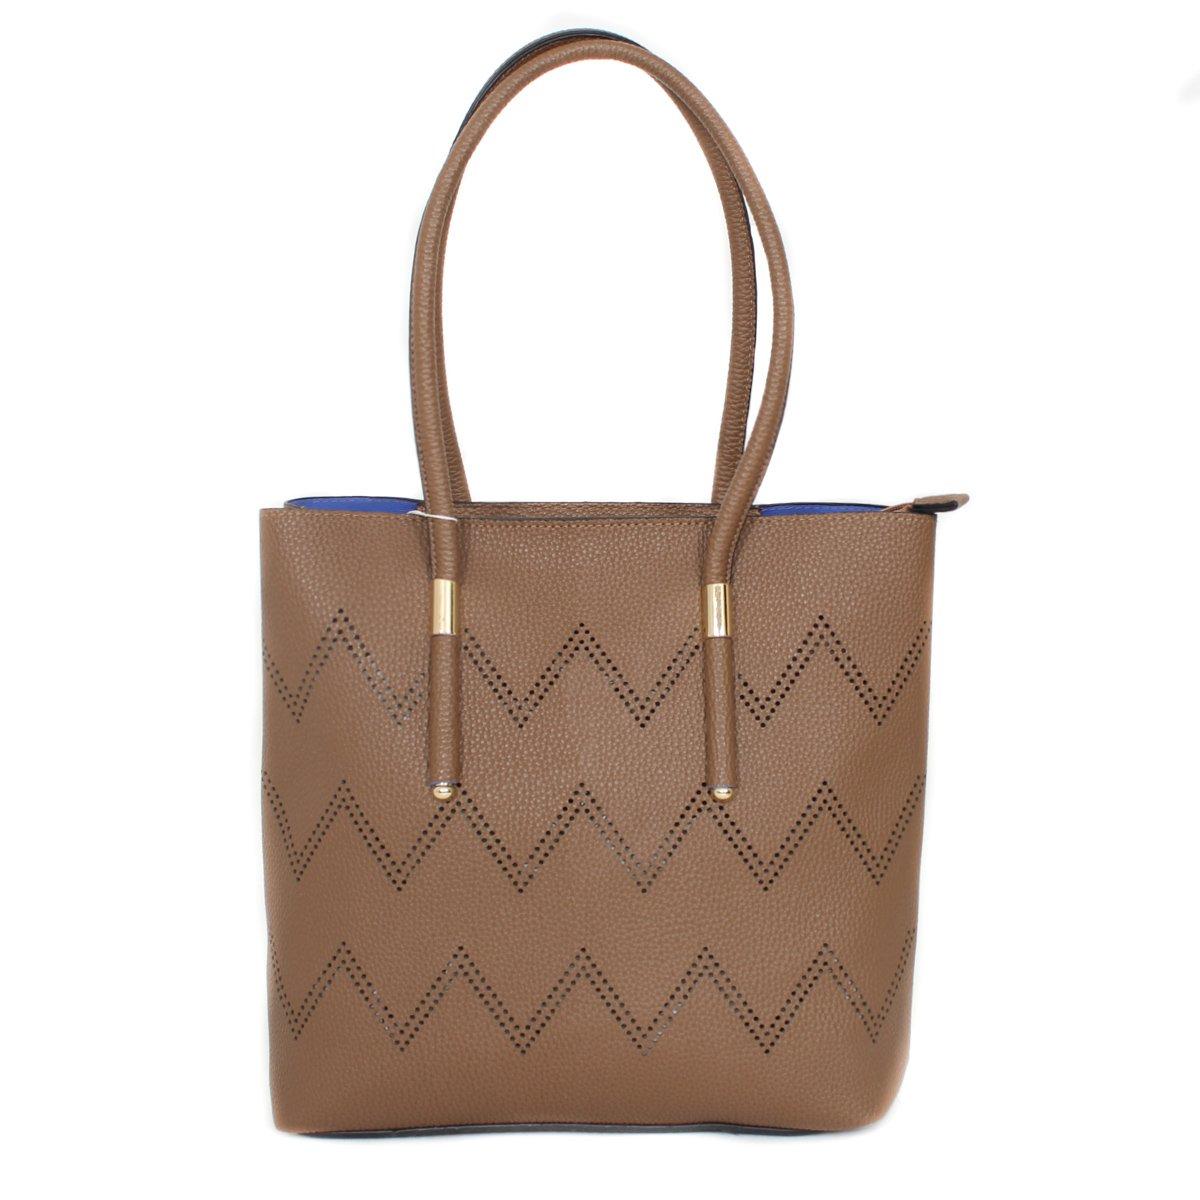 581f75a3cc49 Чики Рики: Flioraj. Женские сумки и аксессуары   Удовольствие   Постила